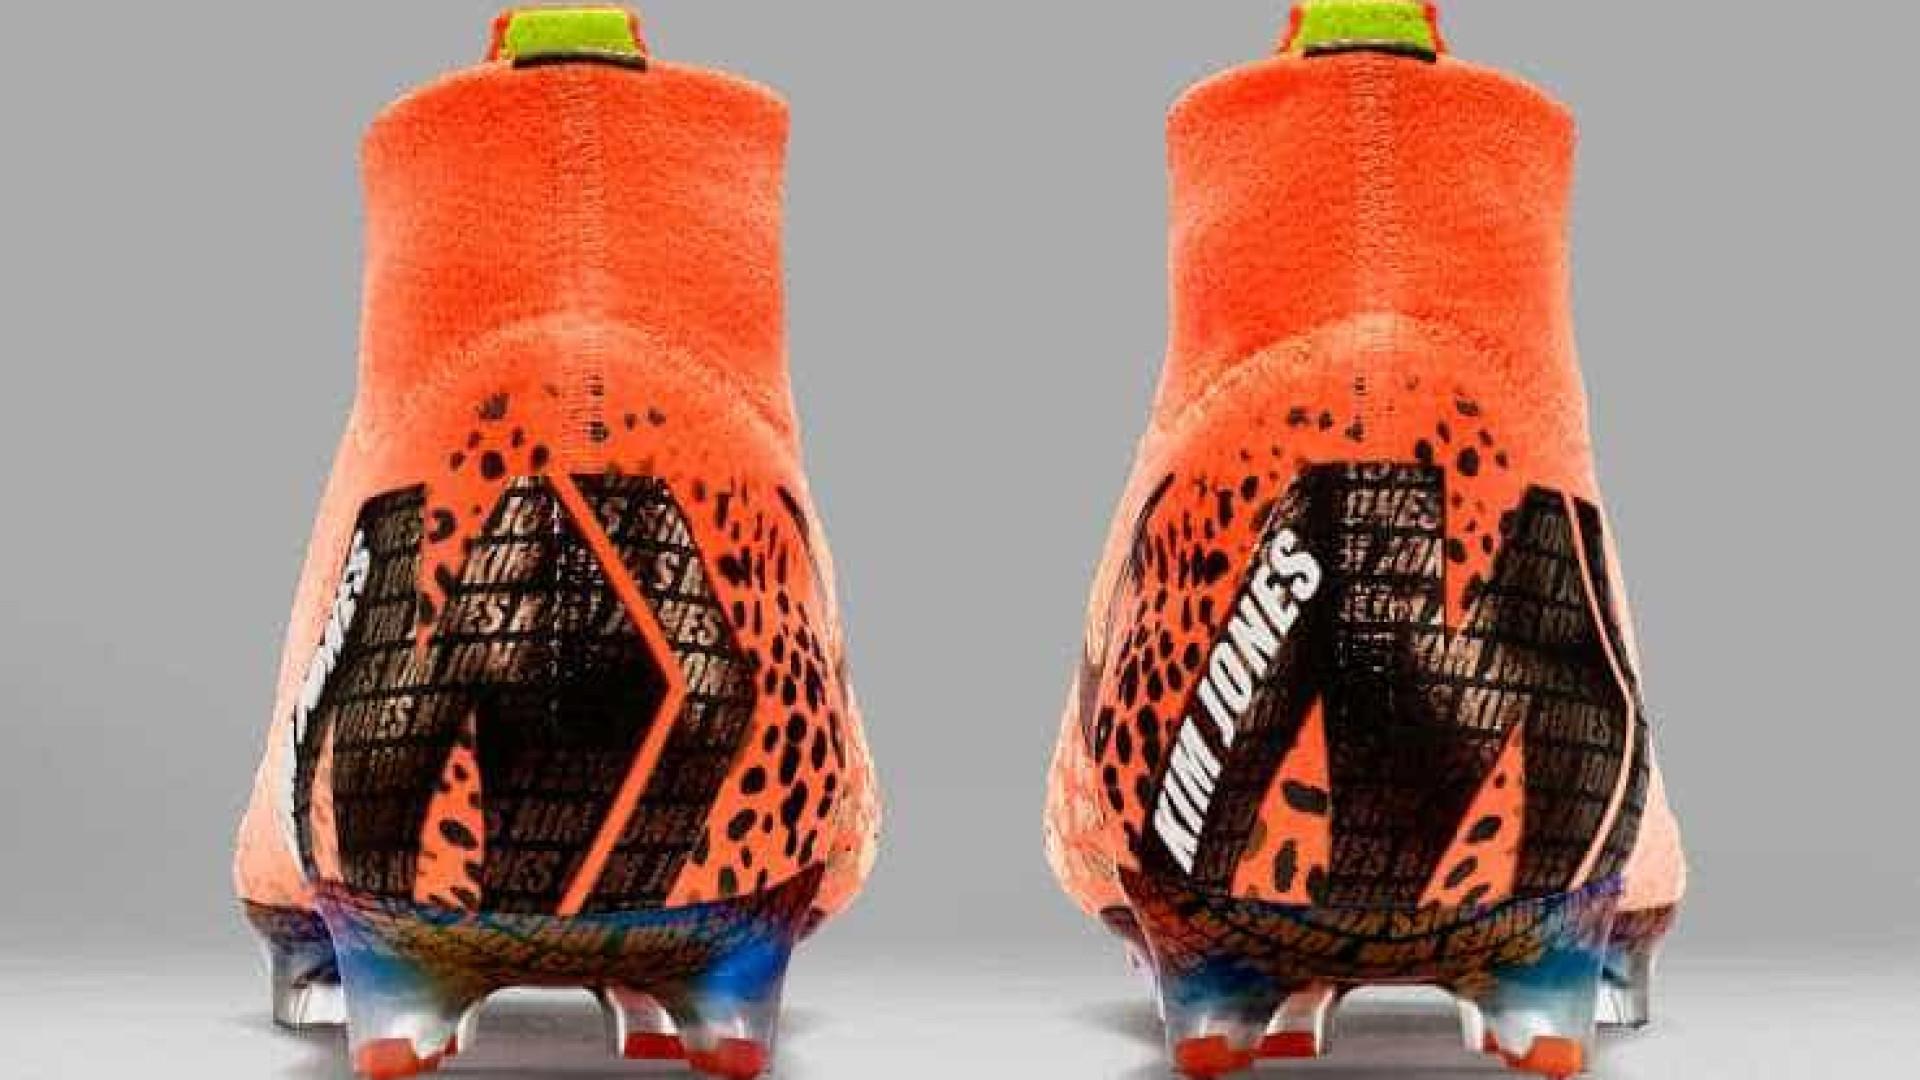 b5c3d4db00 Nike brinda Cristiano Ronaldo com chuteiras inspiradas em África